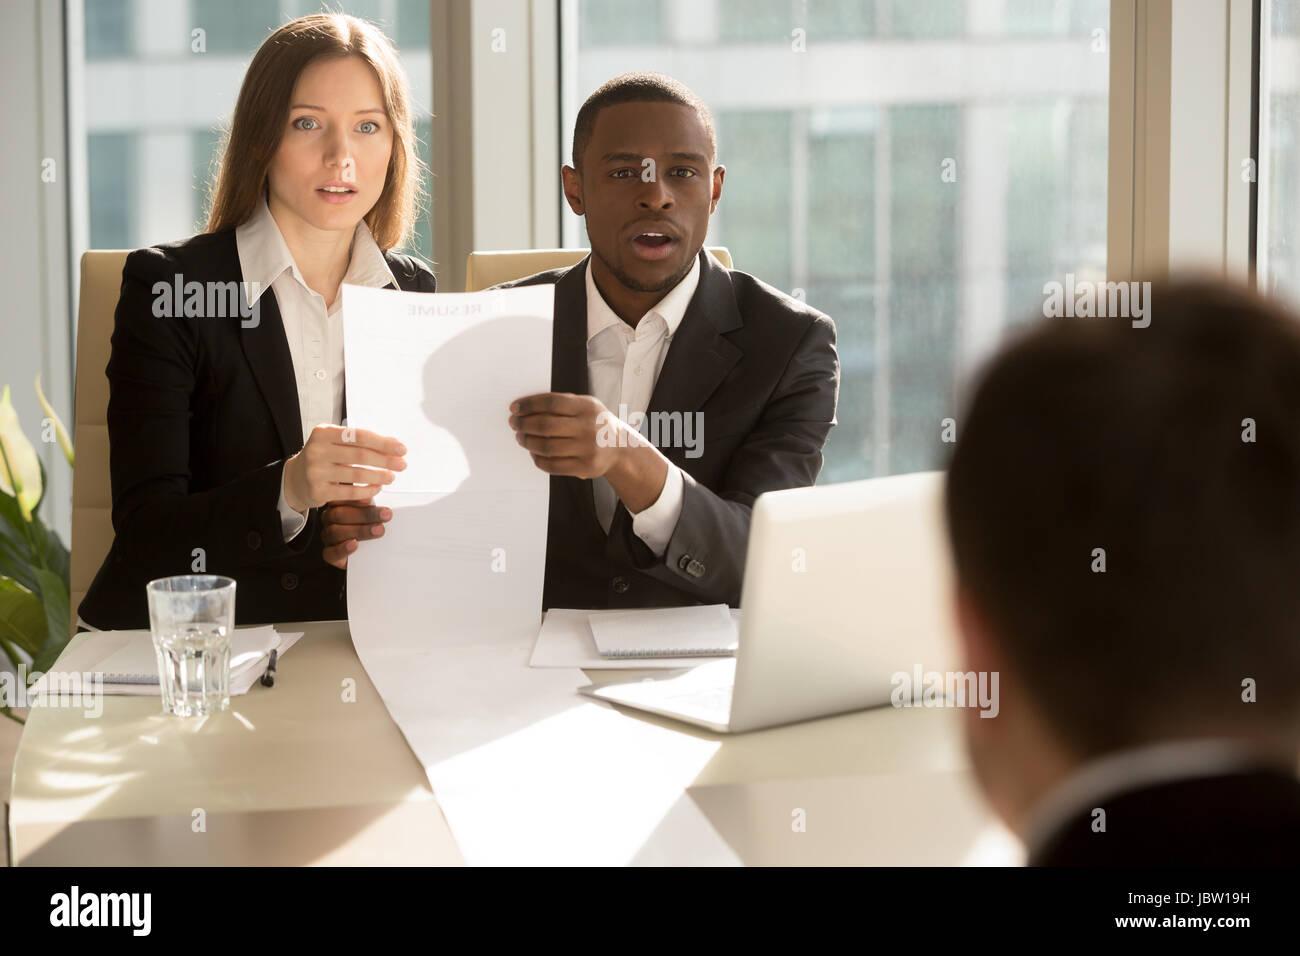 Gemischtrassig Recruiter halten lange vorbereitet Blatt Papier, überraschend betrachten Bewerber beim Vorstellungsgespräch, Stockbild